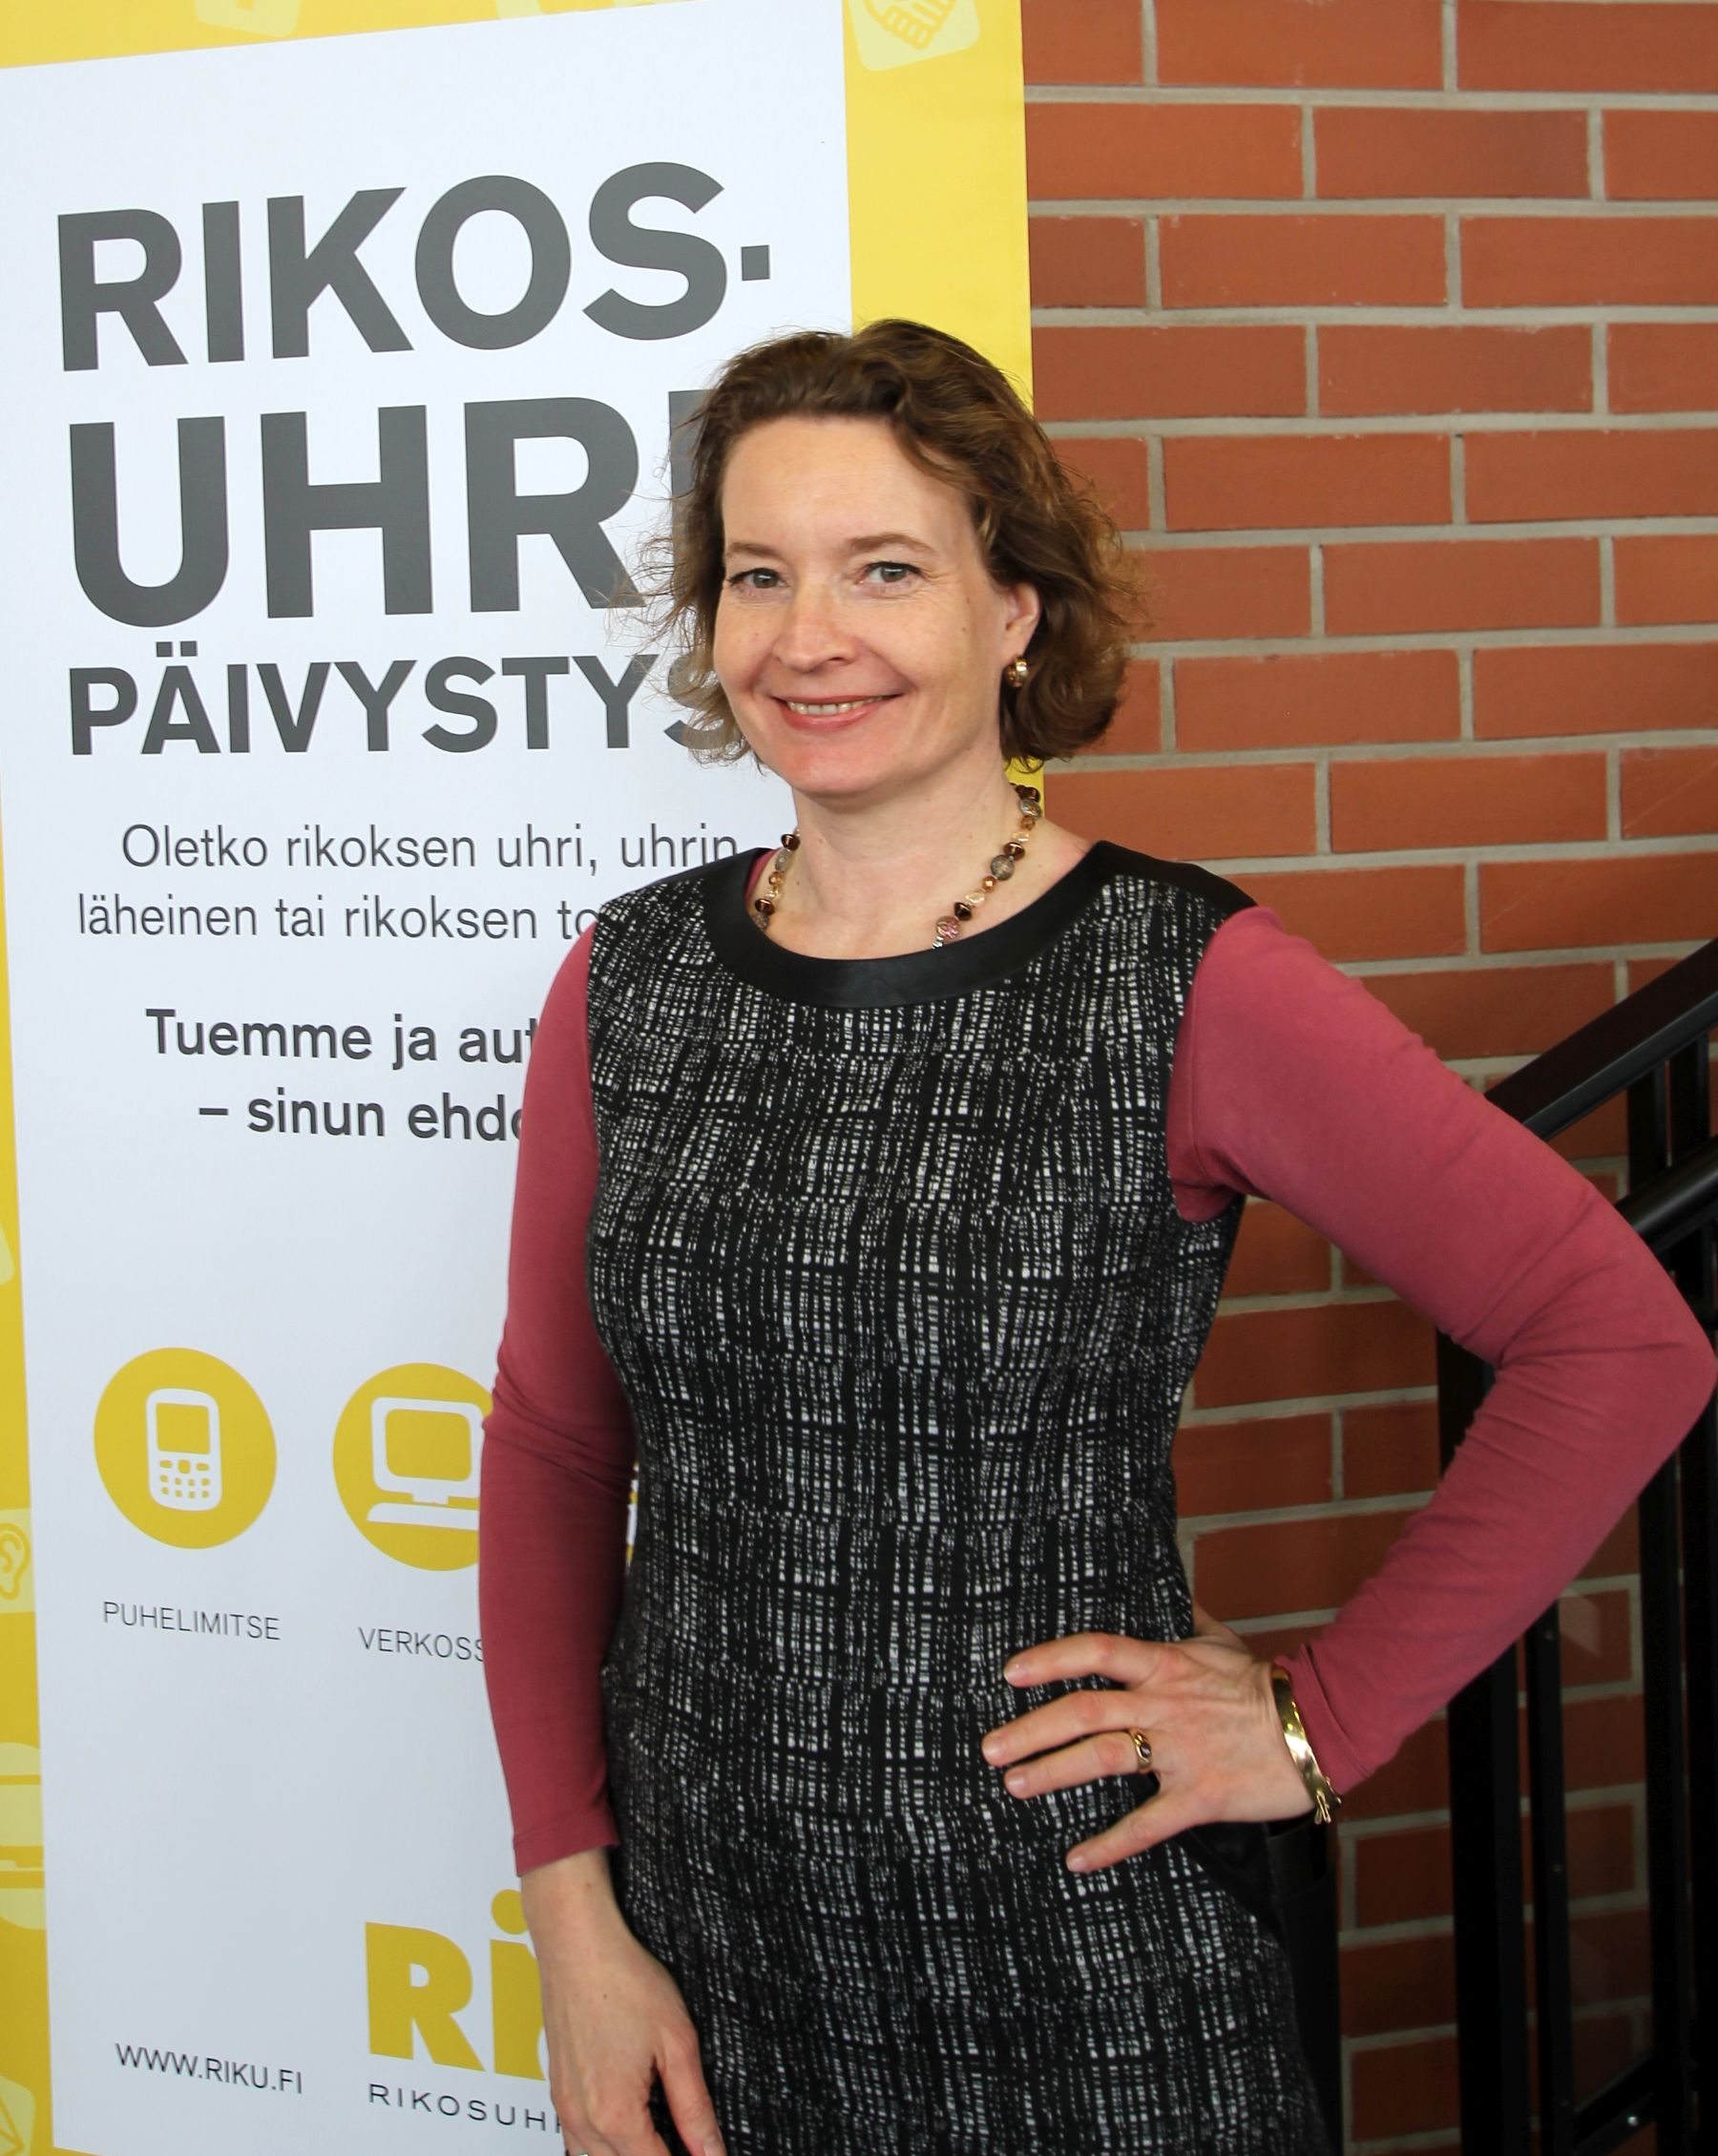 1 Leena-Kaisa Åberg KUVA Sami Liukkonen